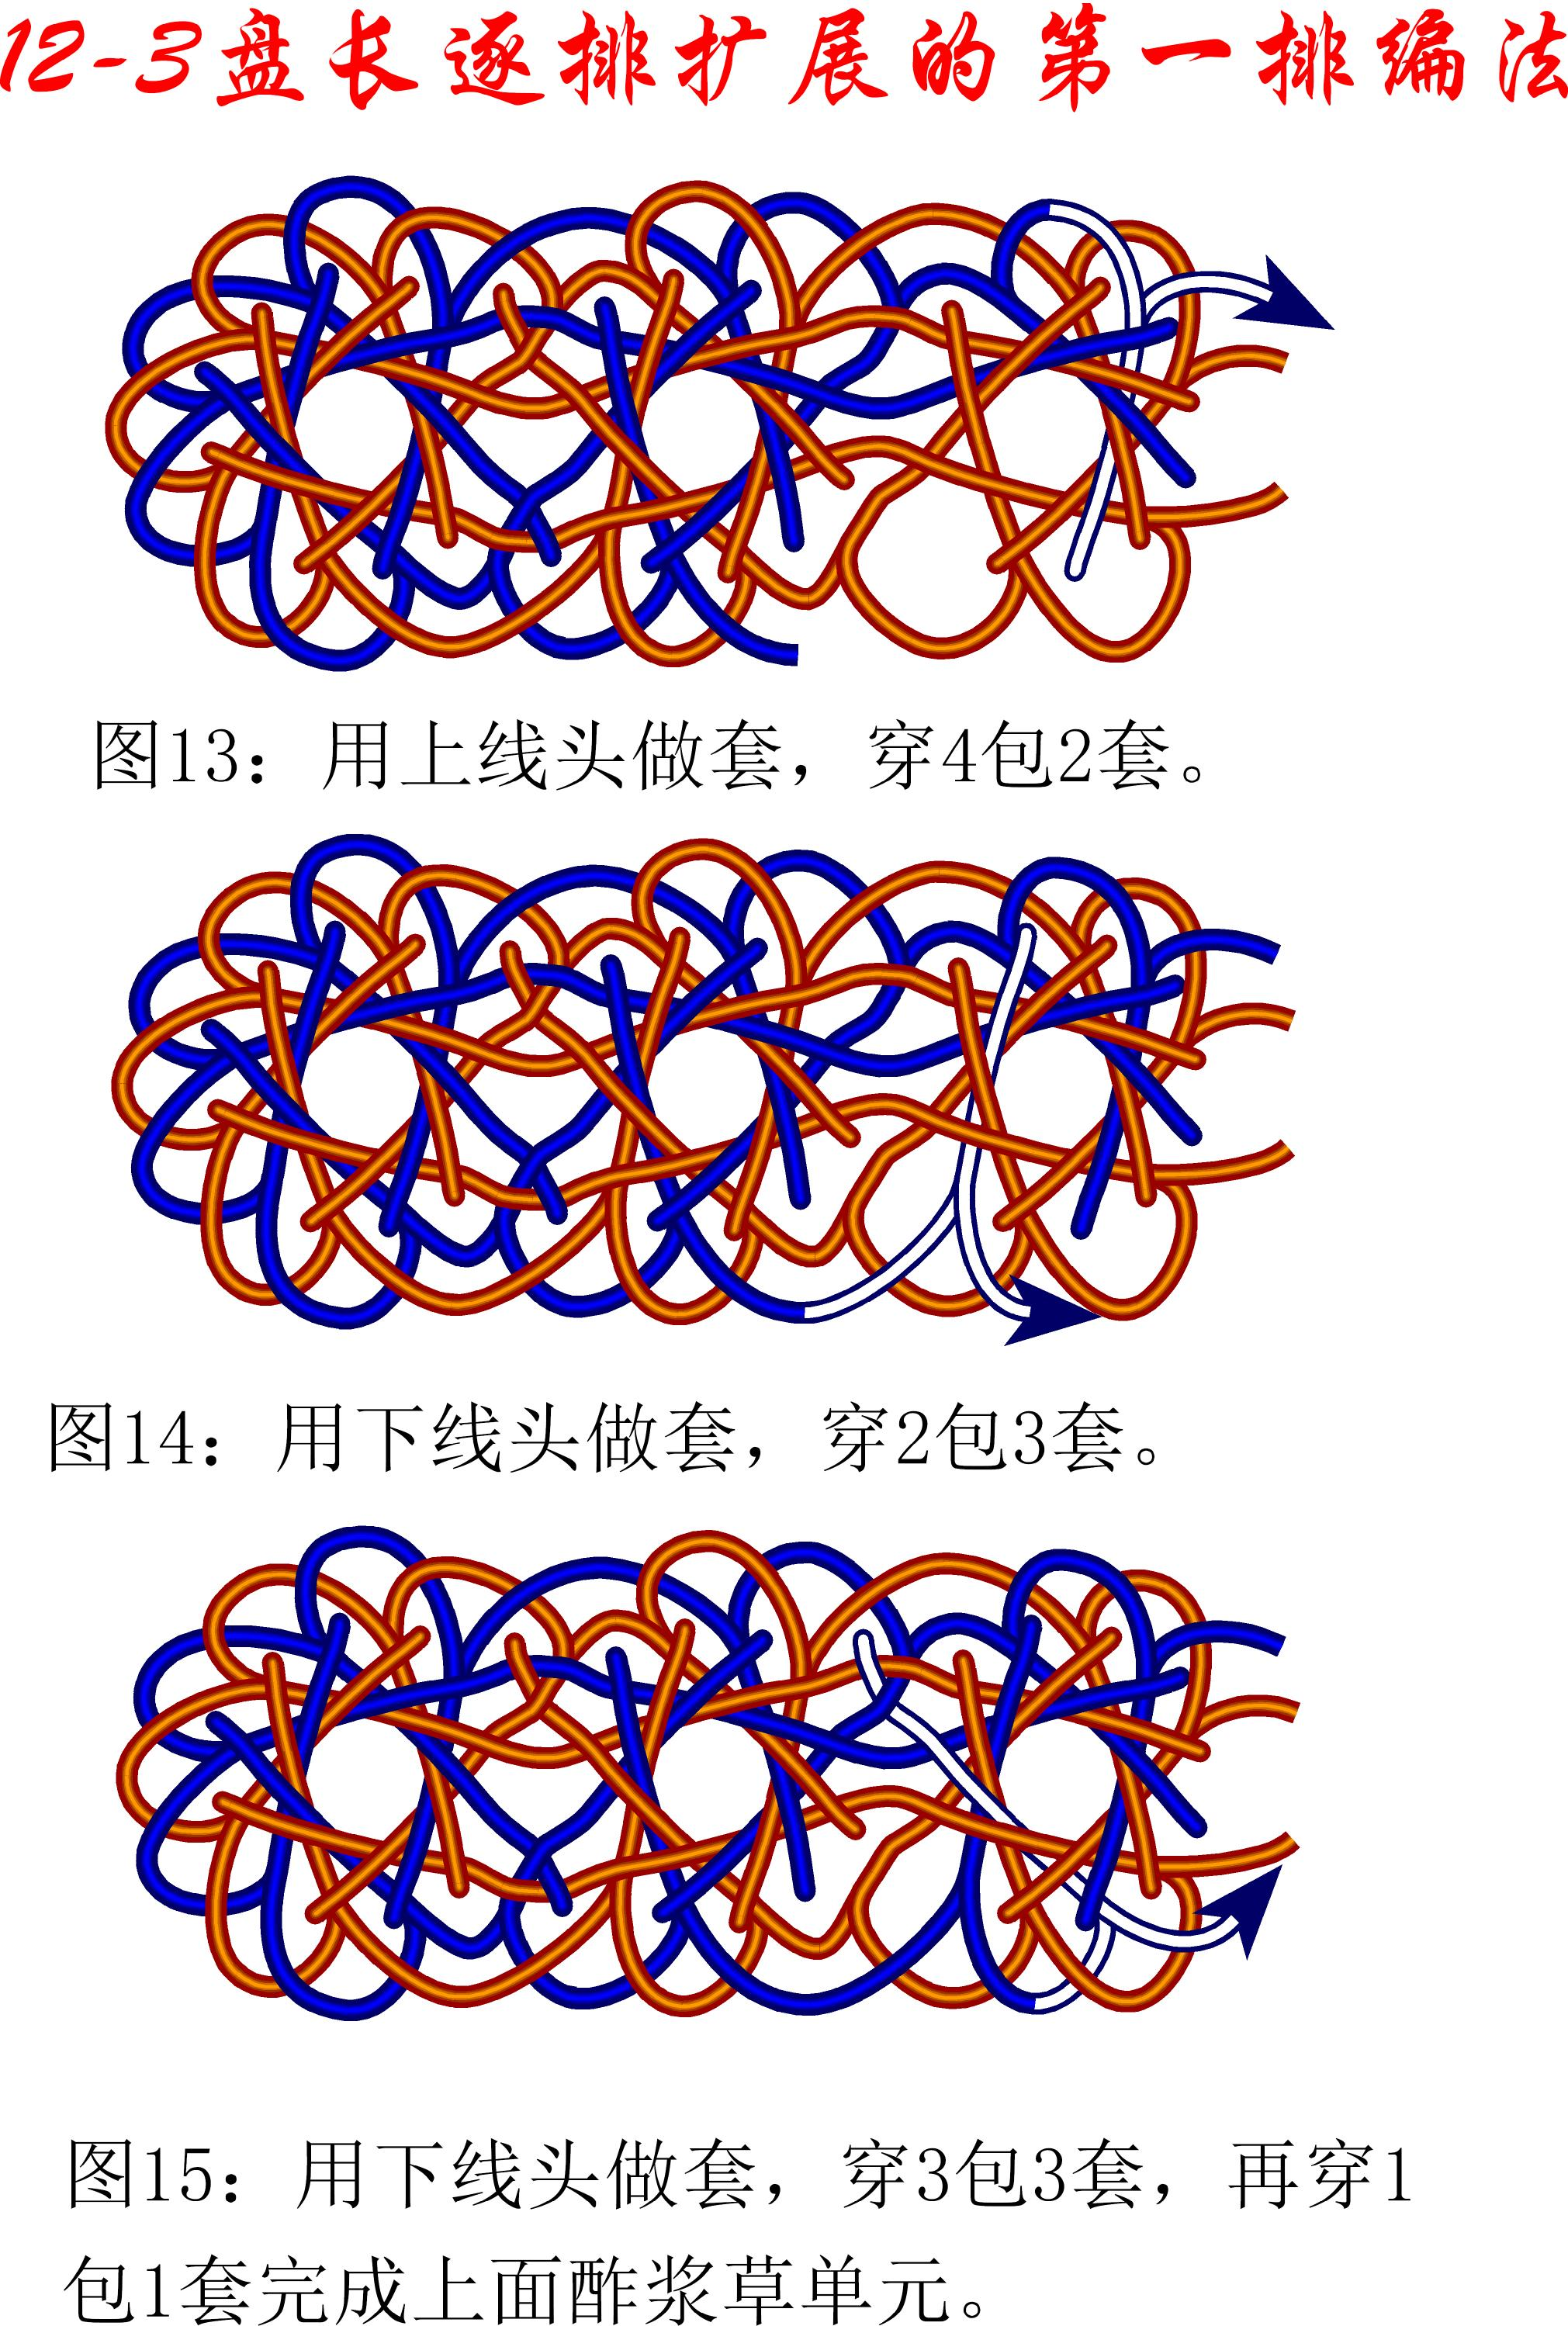 中国结论坛 12-3排扩展法第一排的基盘长编法教程 教程,共基接法,扩展法定义,定基分析法,扩展编码法 丑丑徒手编结 091732cnnwjwqqnswwgjn6